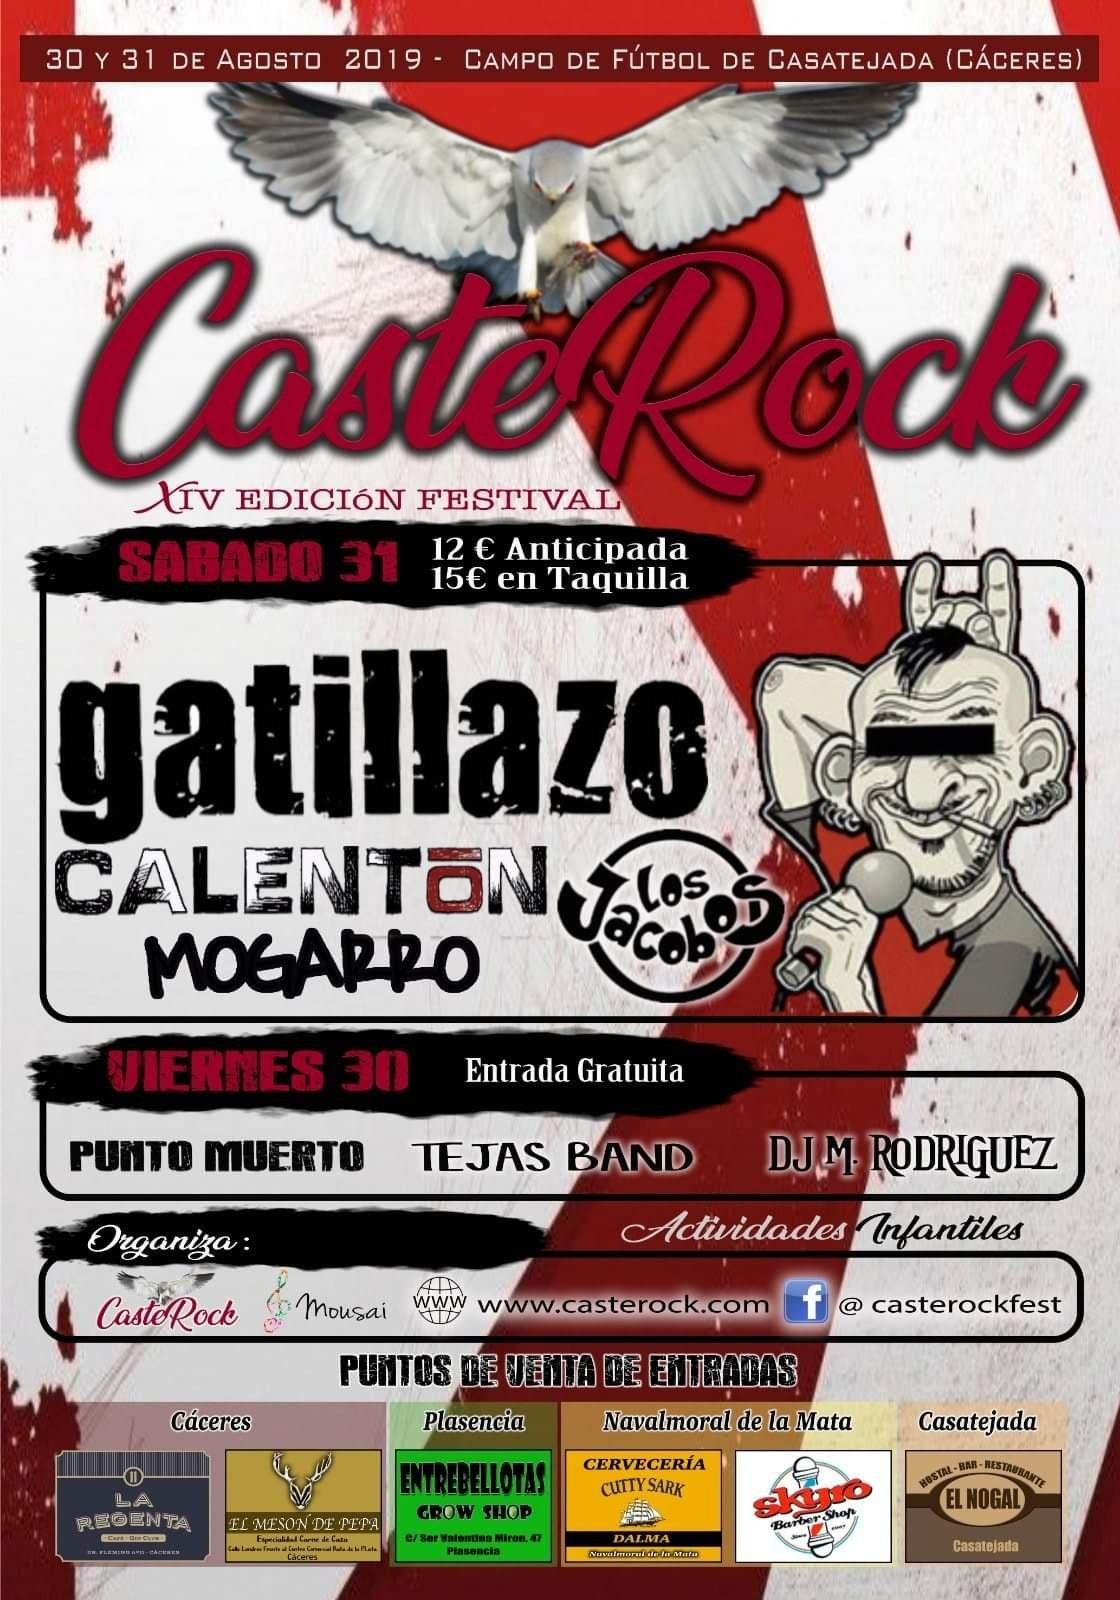 CasteRock 2019 - Casatejada (Cáceres)